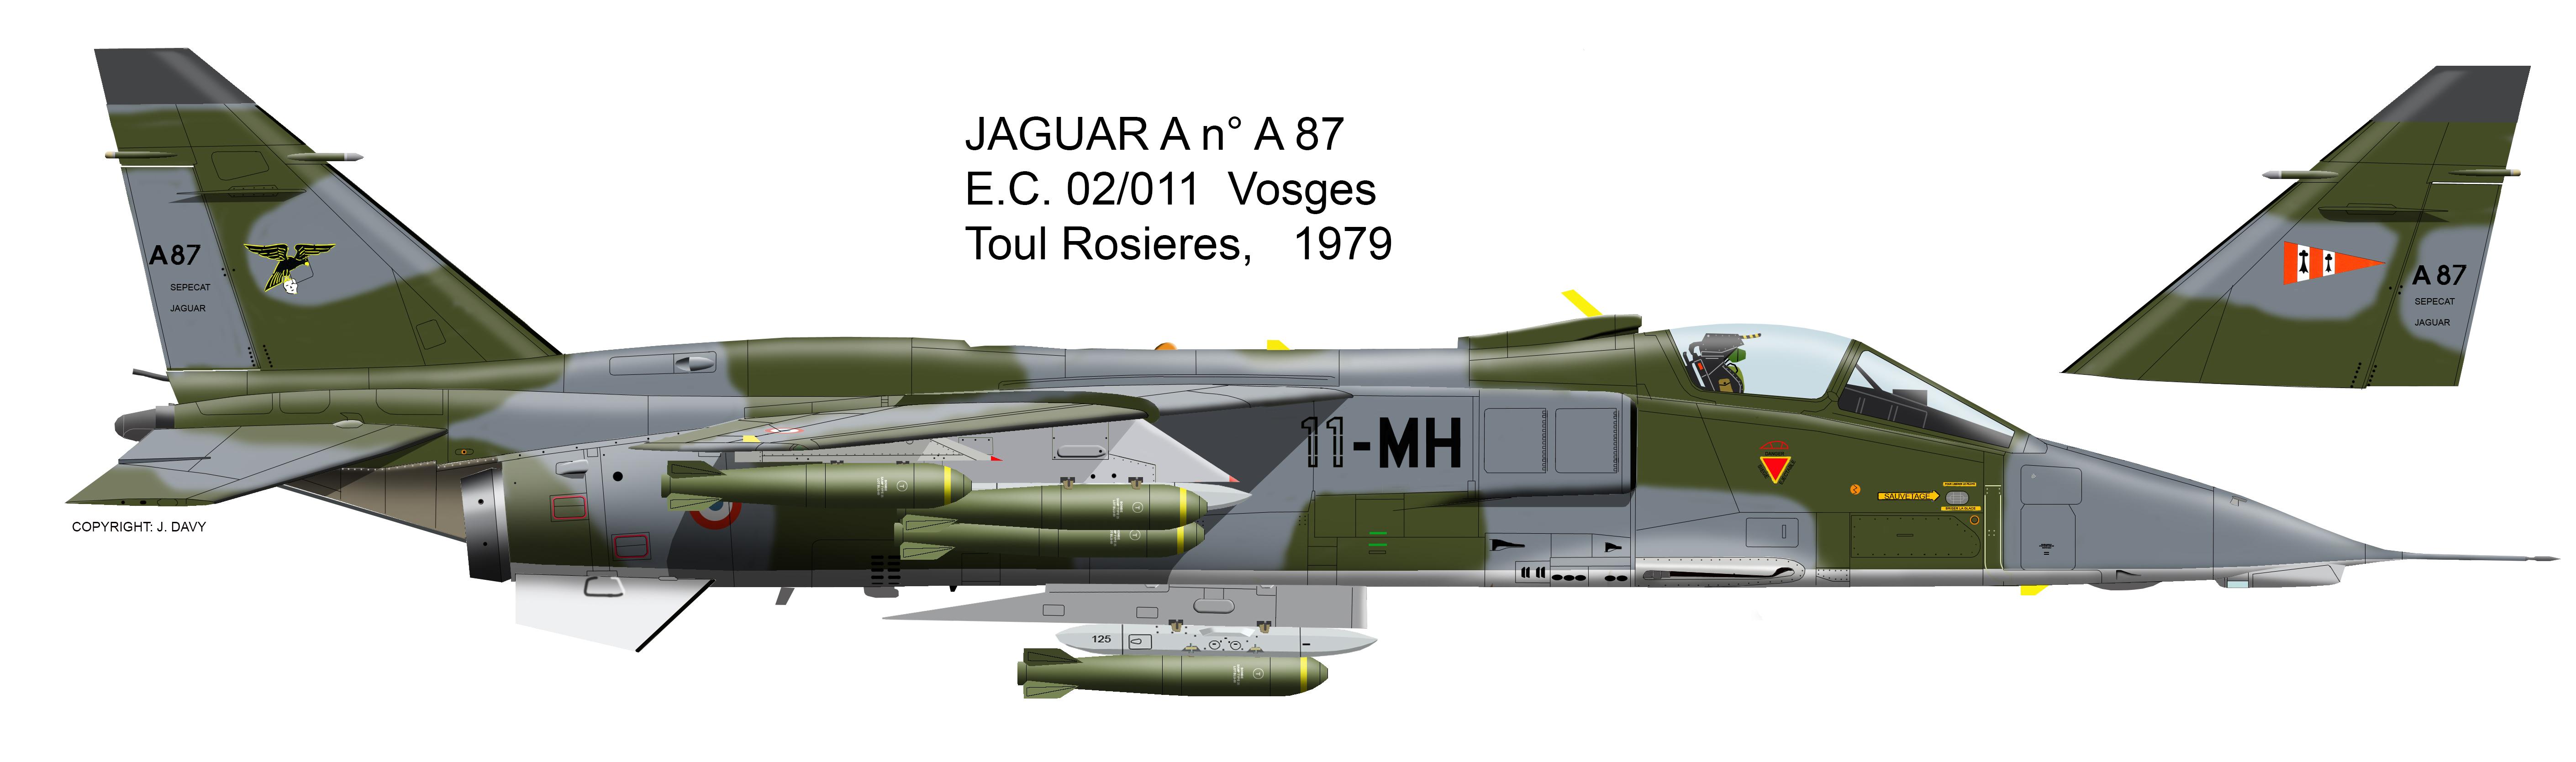 JAGA 11MH 87